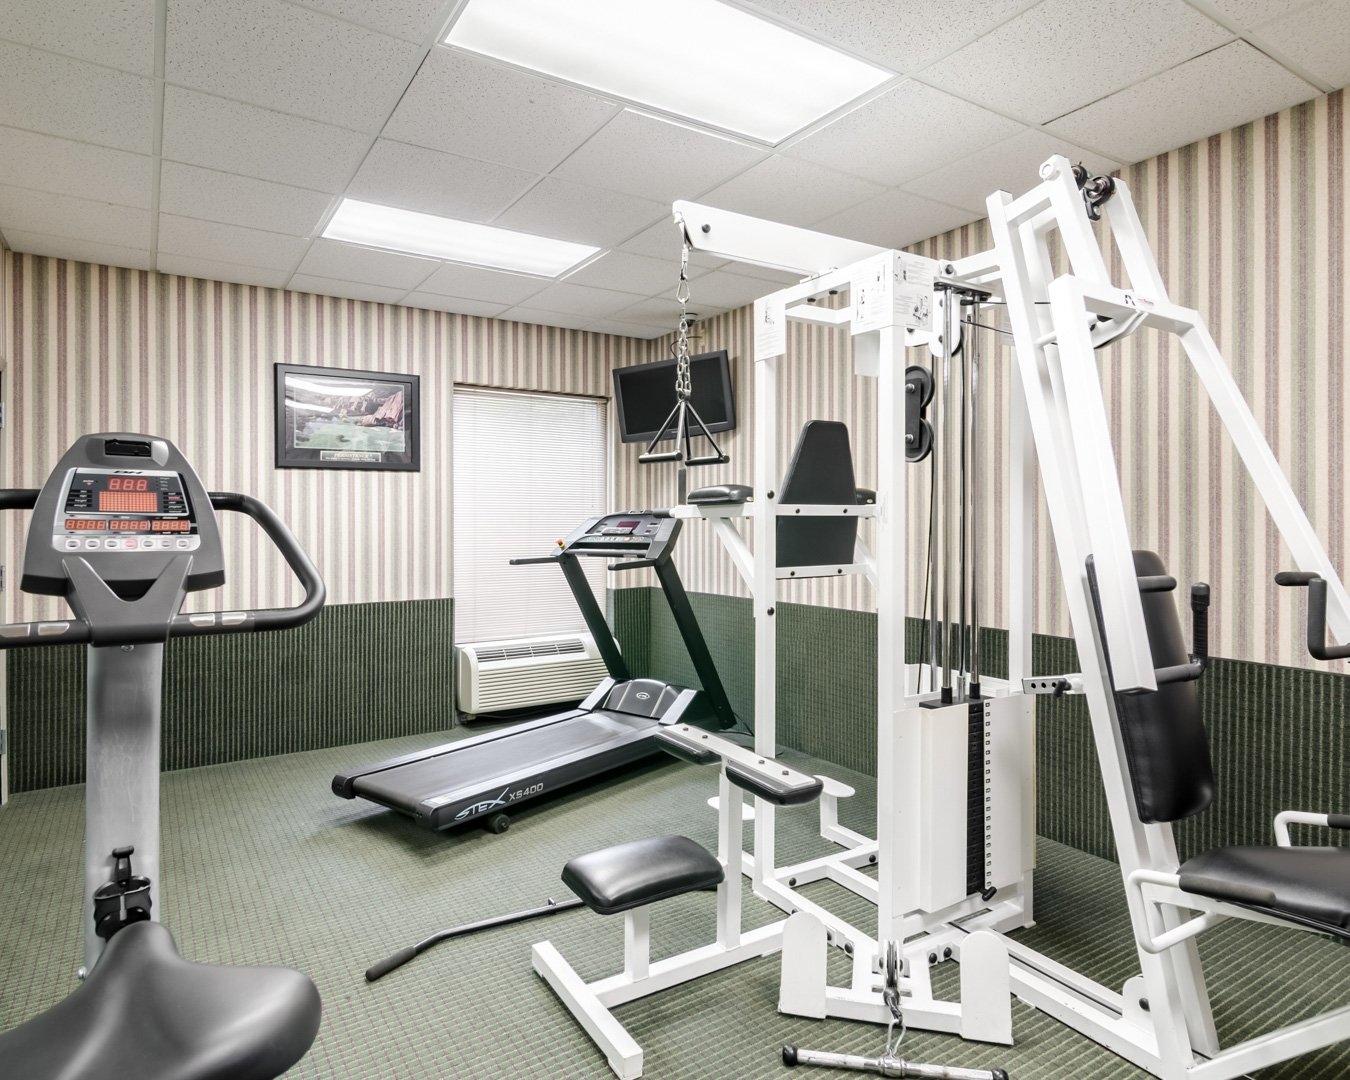 Comfort Inn, Grundy VA